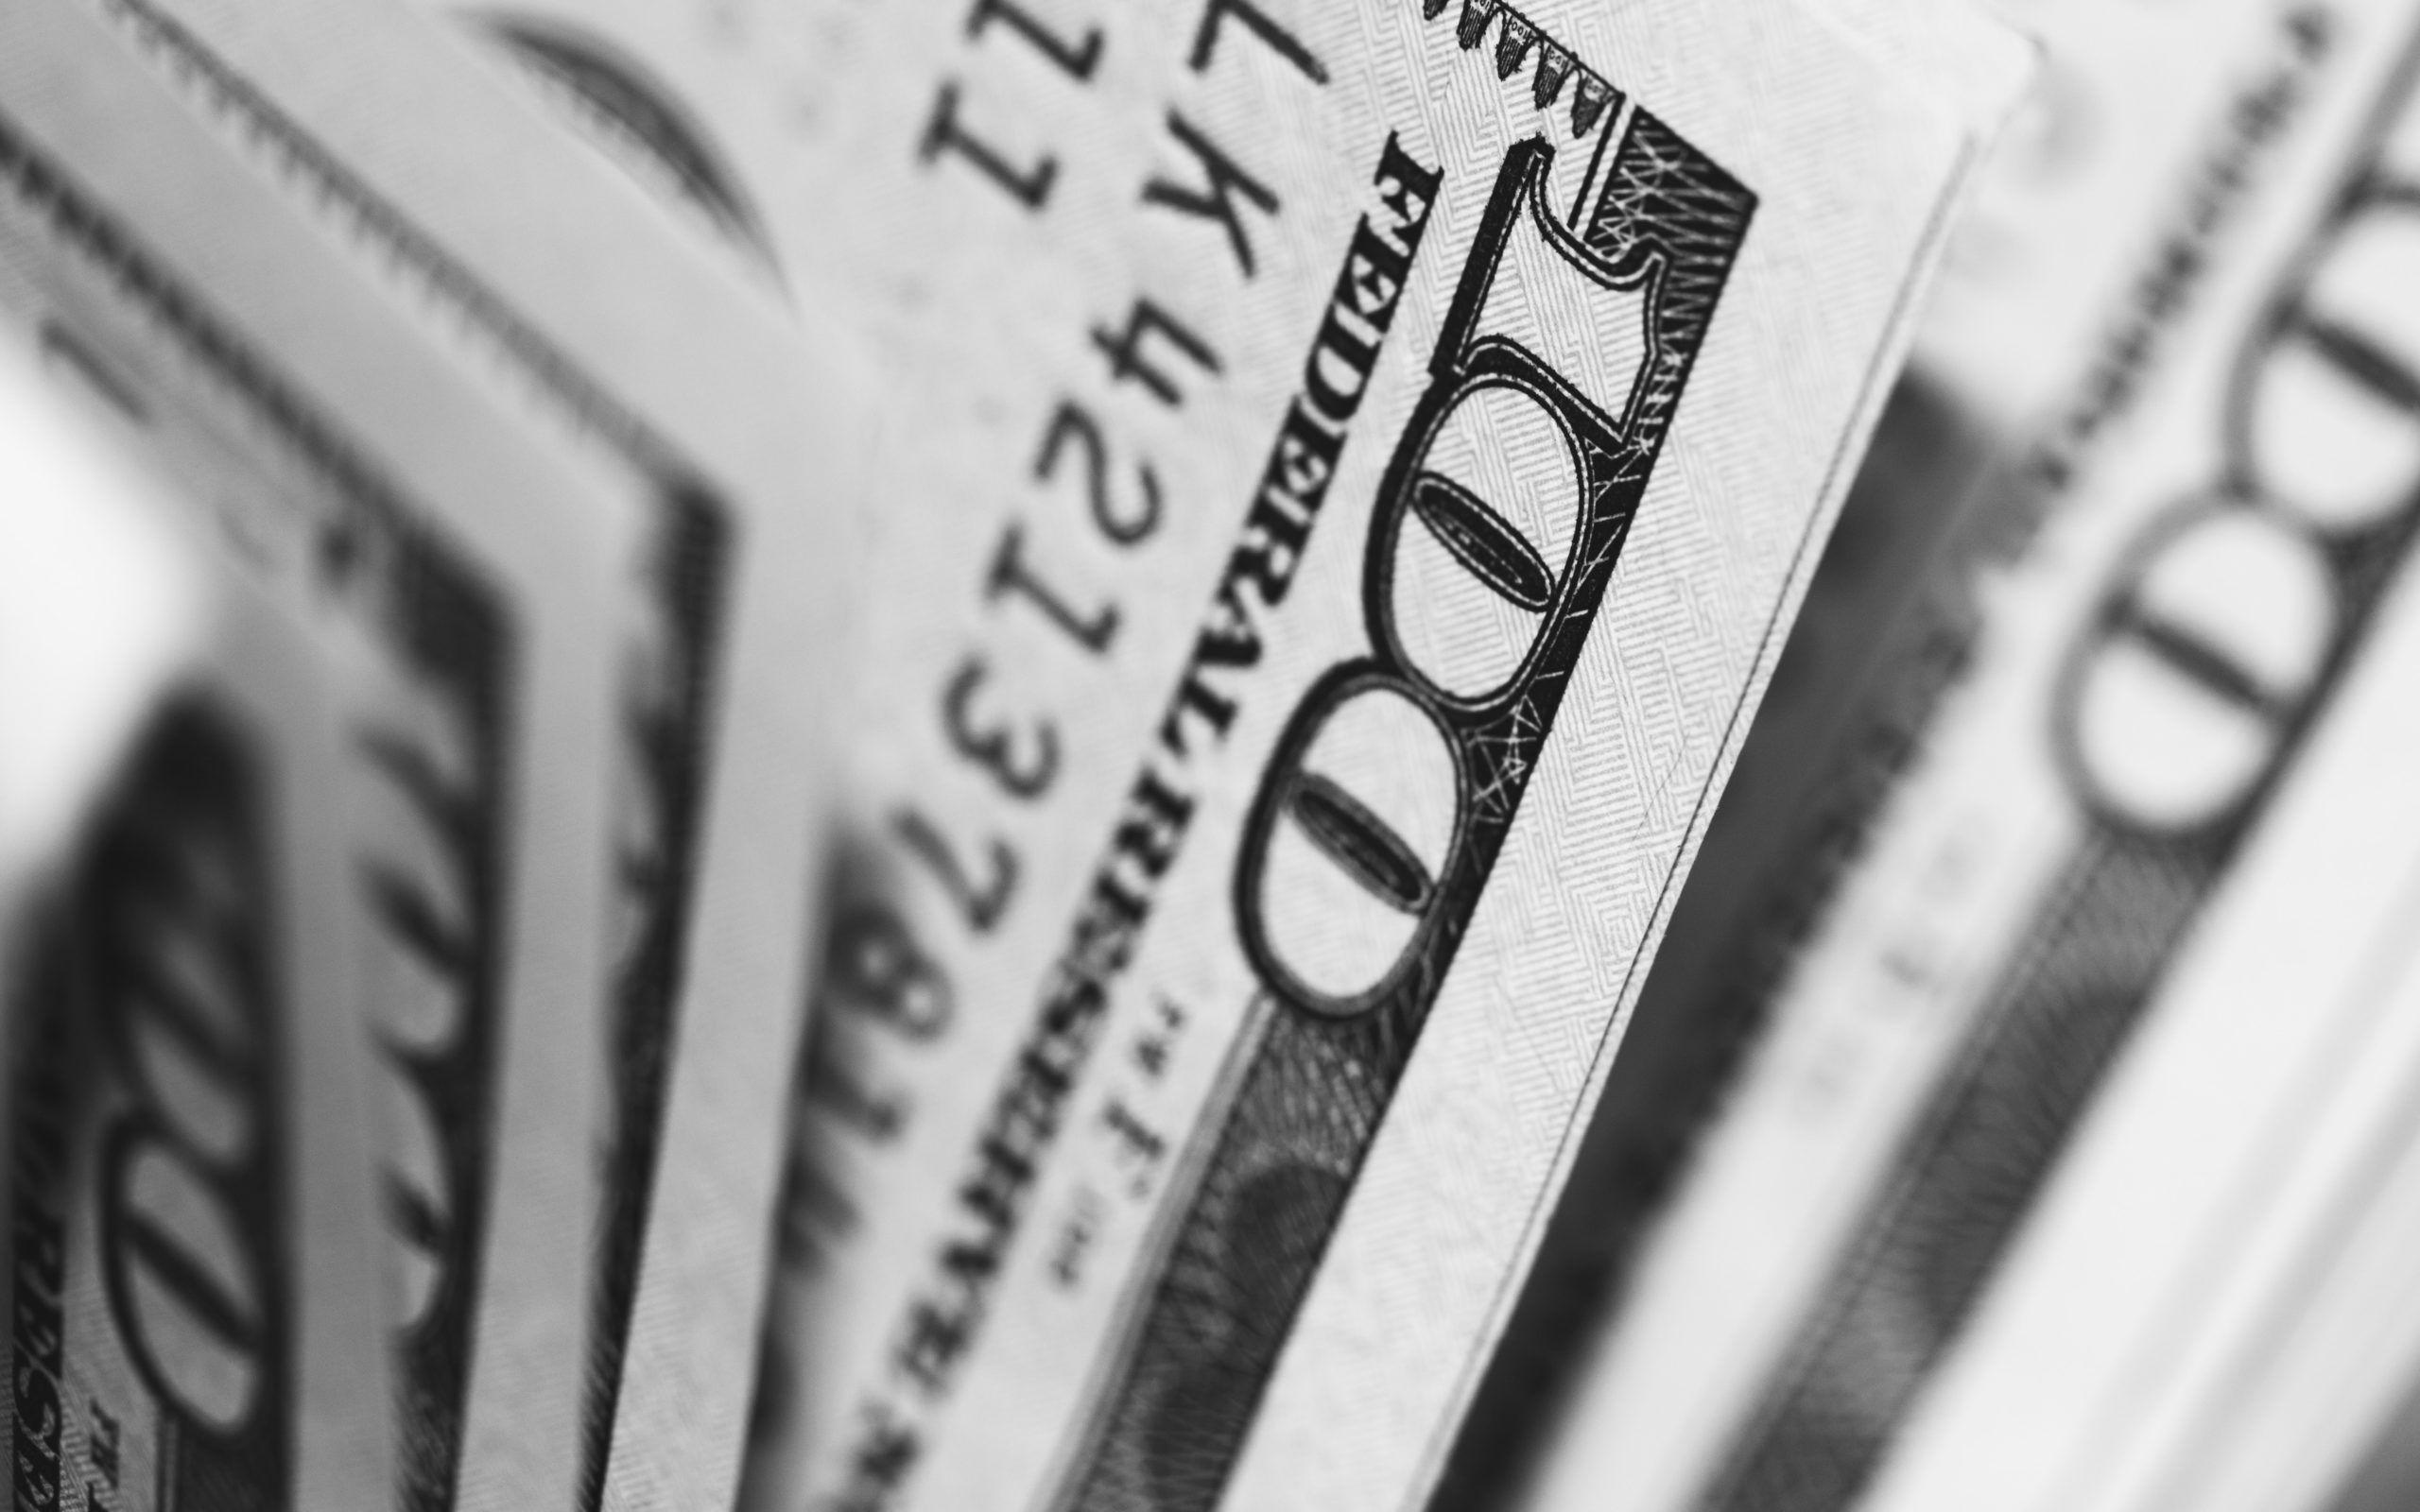 closeup photo of 100 US dollar banknotes